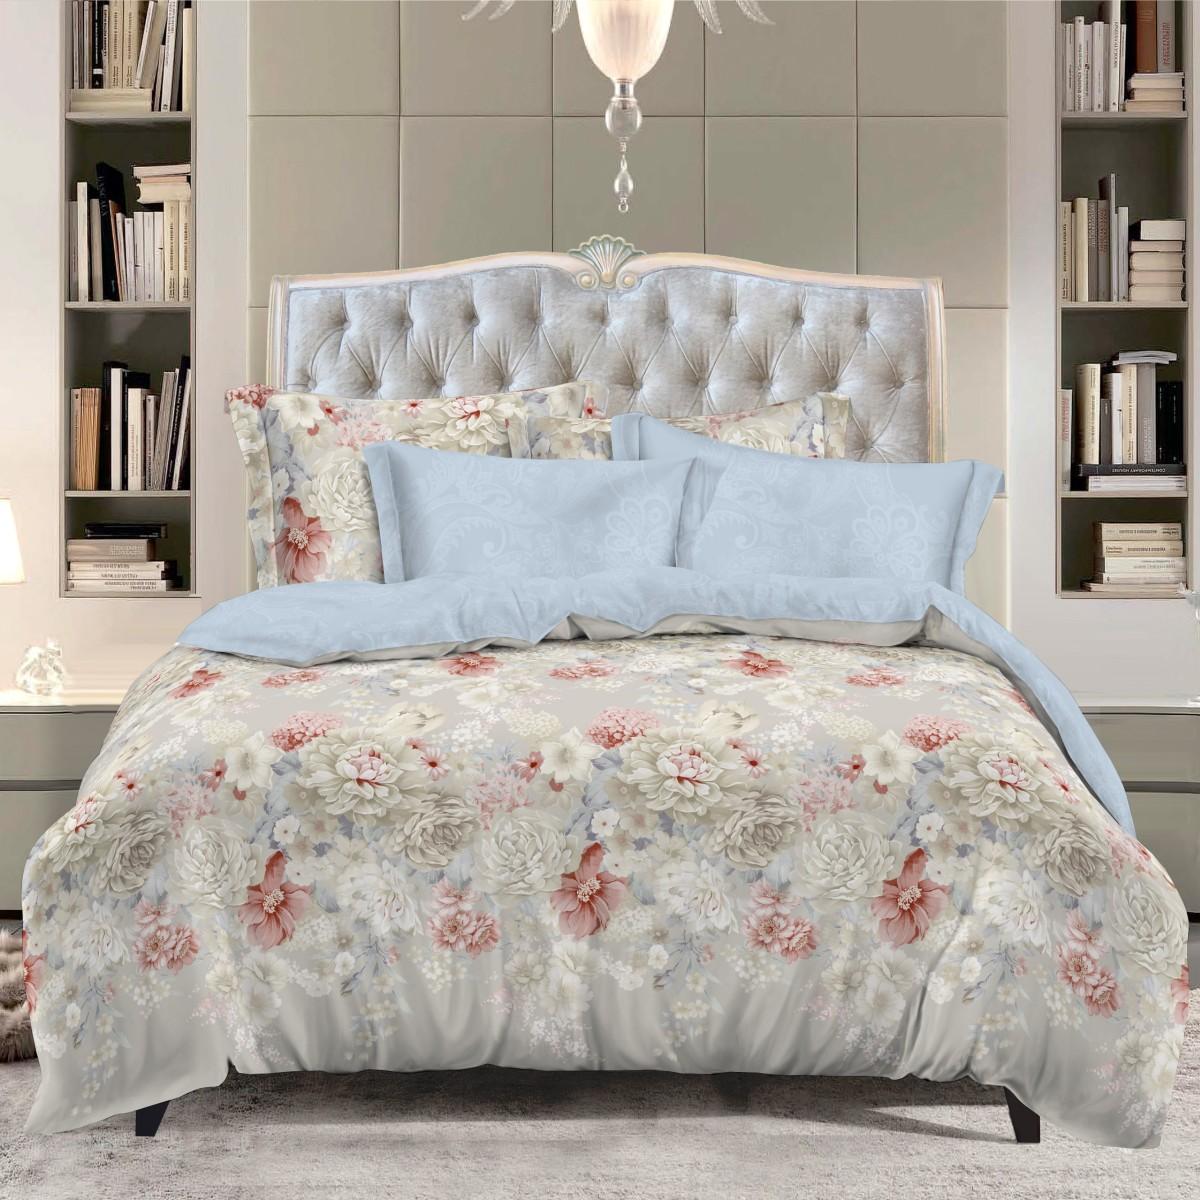 Комплект белья Letto, евро, наволочки 50х70. SM127-6SM127-6Классика в сатиновом исполнении - залог комфорта, модного дизайна и гармонии цвета в вашей спальне. Это отличный подарок любителям трендов. Сатин заслужено считается благородной тканью для постельного белья. Ему свойственна практичность, долговечность, мягкость и изысканный блеск, такая ткань прекрасно впитывает влагу во время сна, комфортна на ощупь и не требует особого ухода. Серия Letto Сатин - это современные дизайны в европейском стиле. Обращаем внимание, что наволочки могут отличаться от представленных на фотографии. Также может отличаться оттенок комплекта из-за разницы в цветопередаче мониторов.